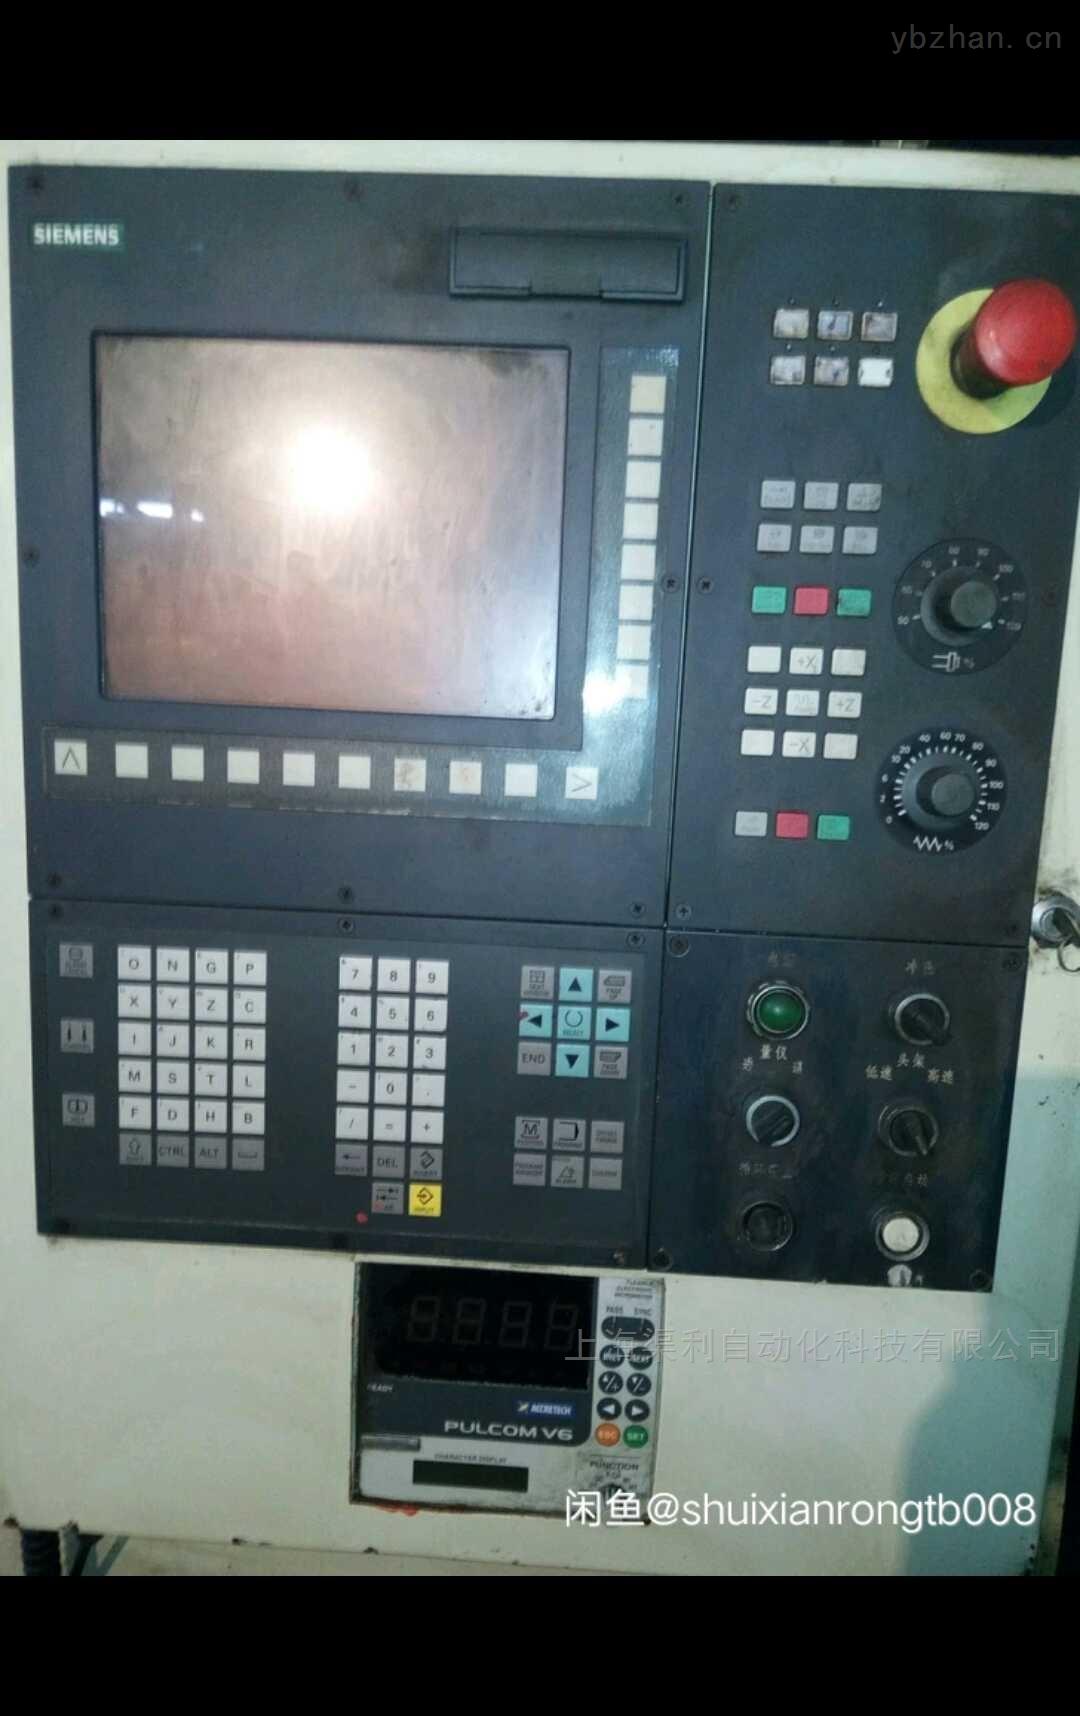 西门子数控系统报警300500维修